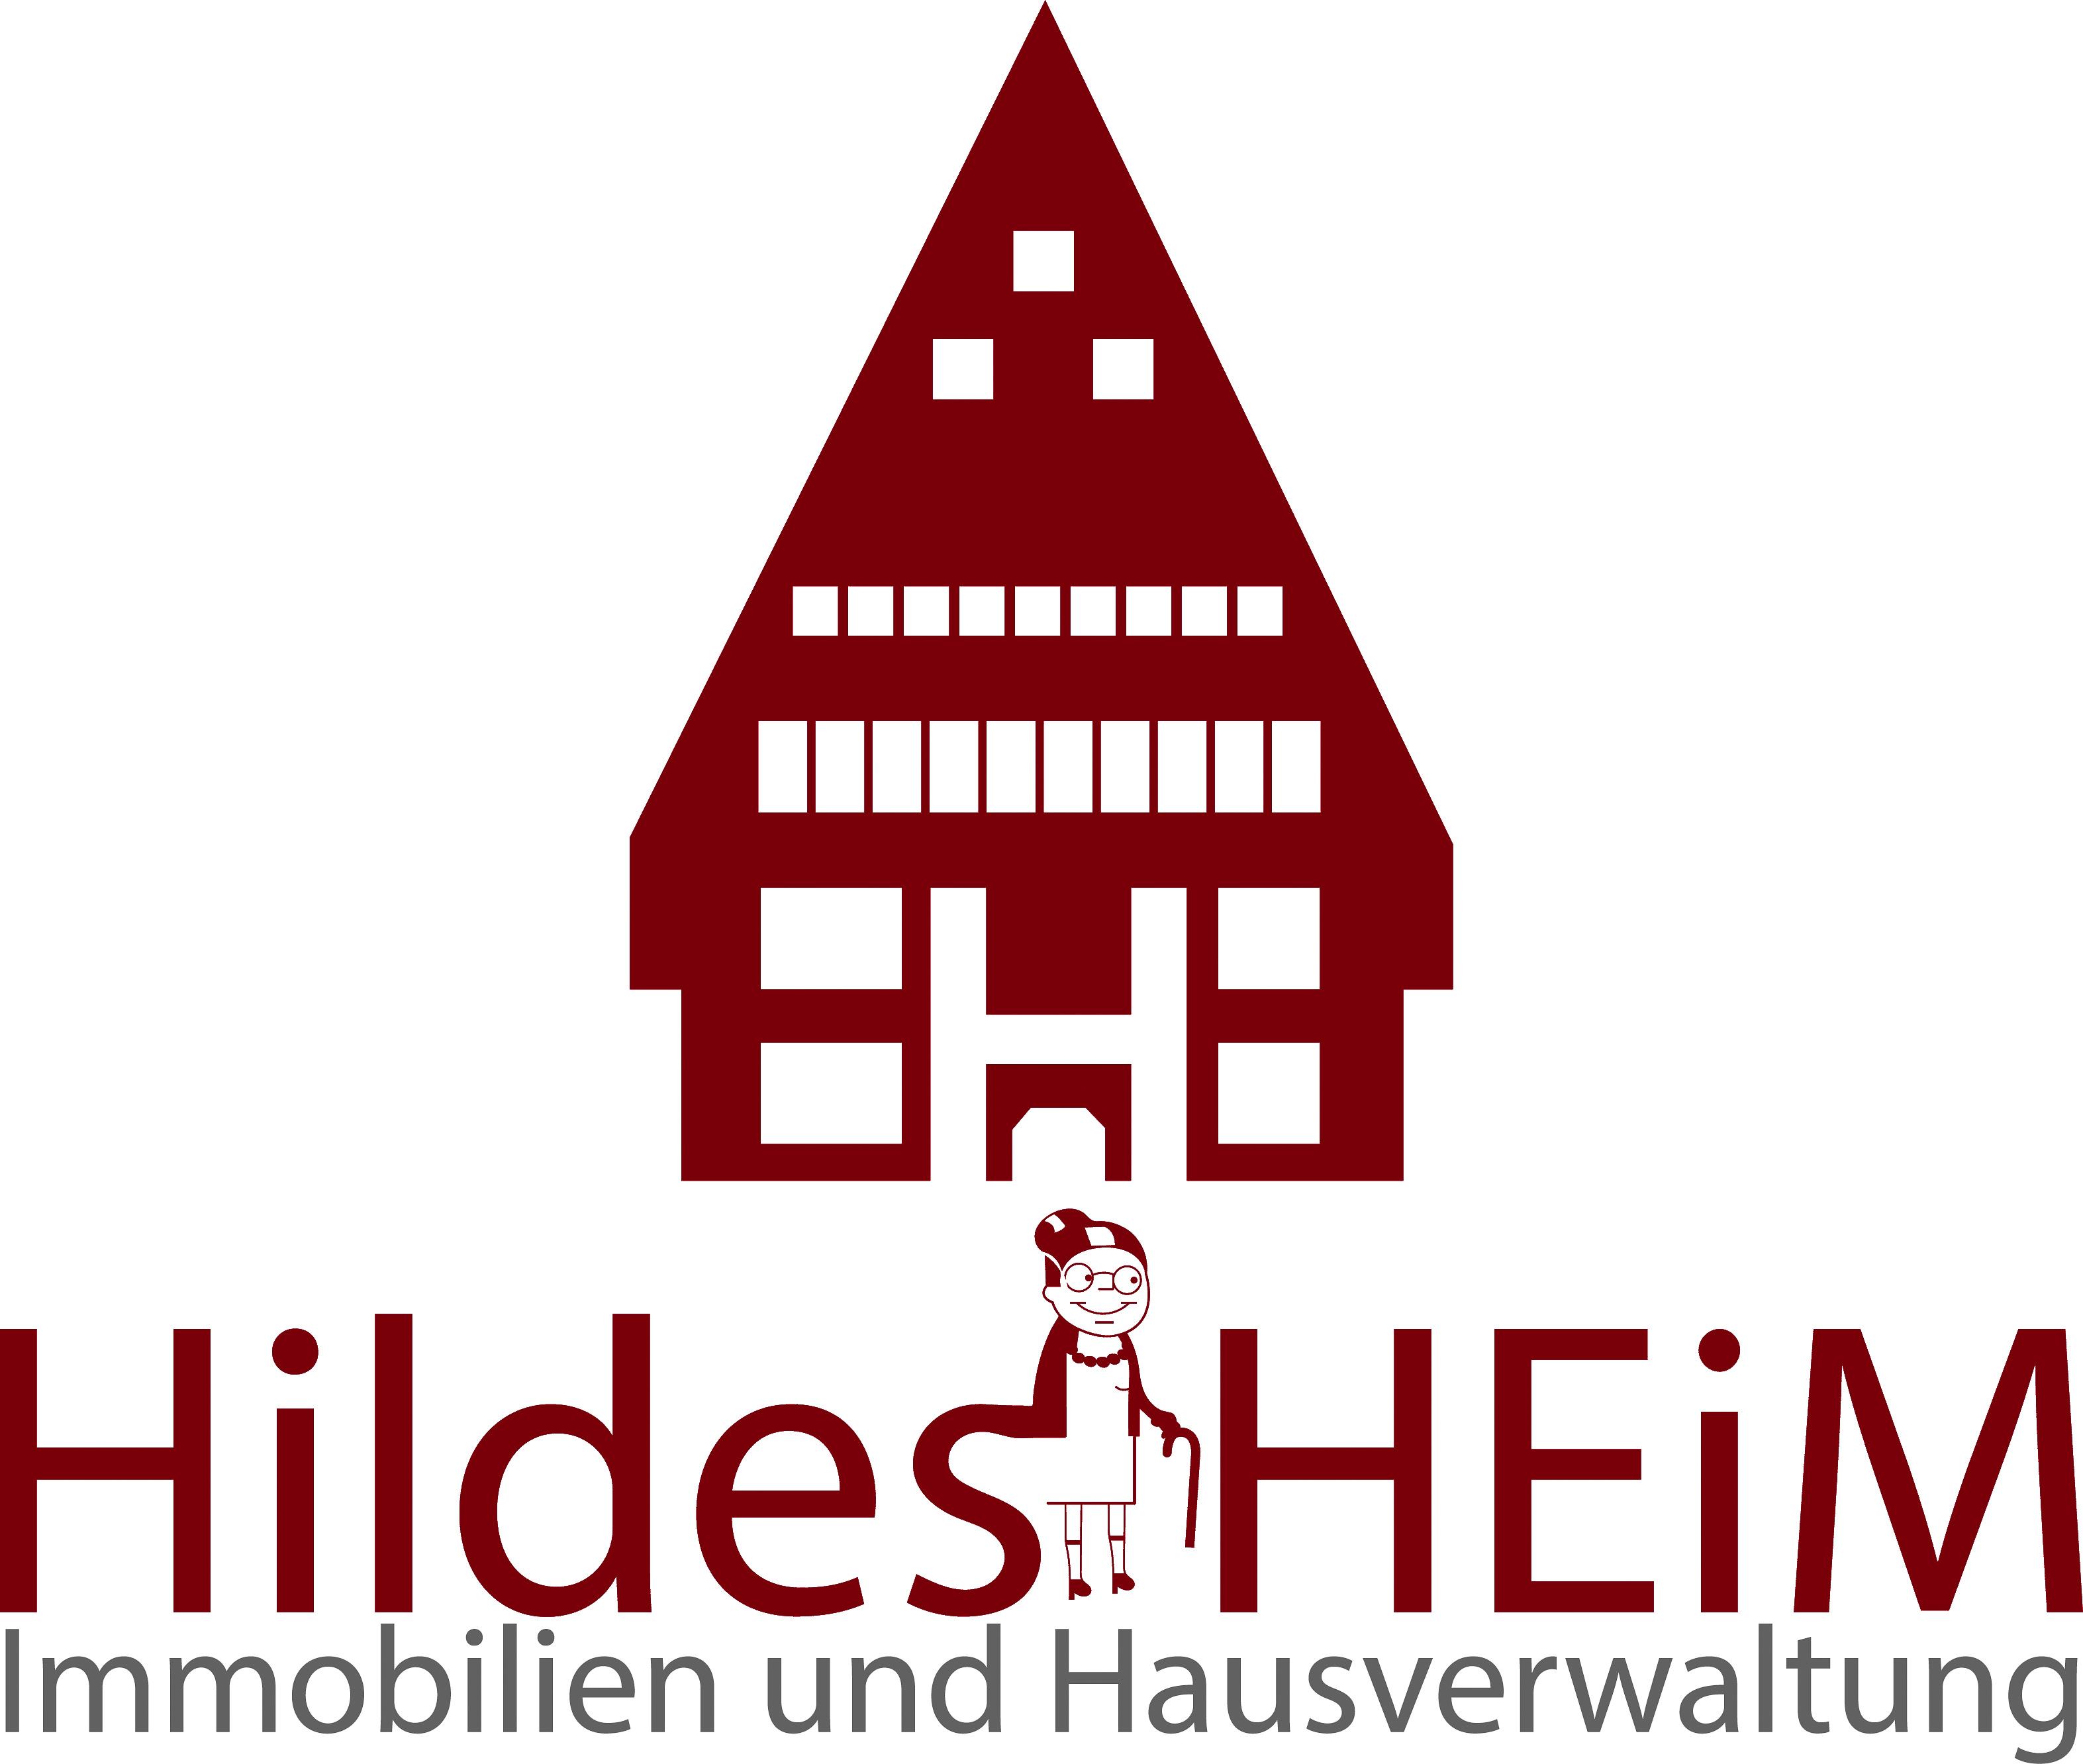 logo HildesHeim immobilien- und Hausverwaltung